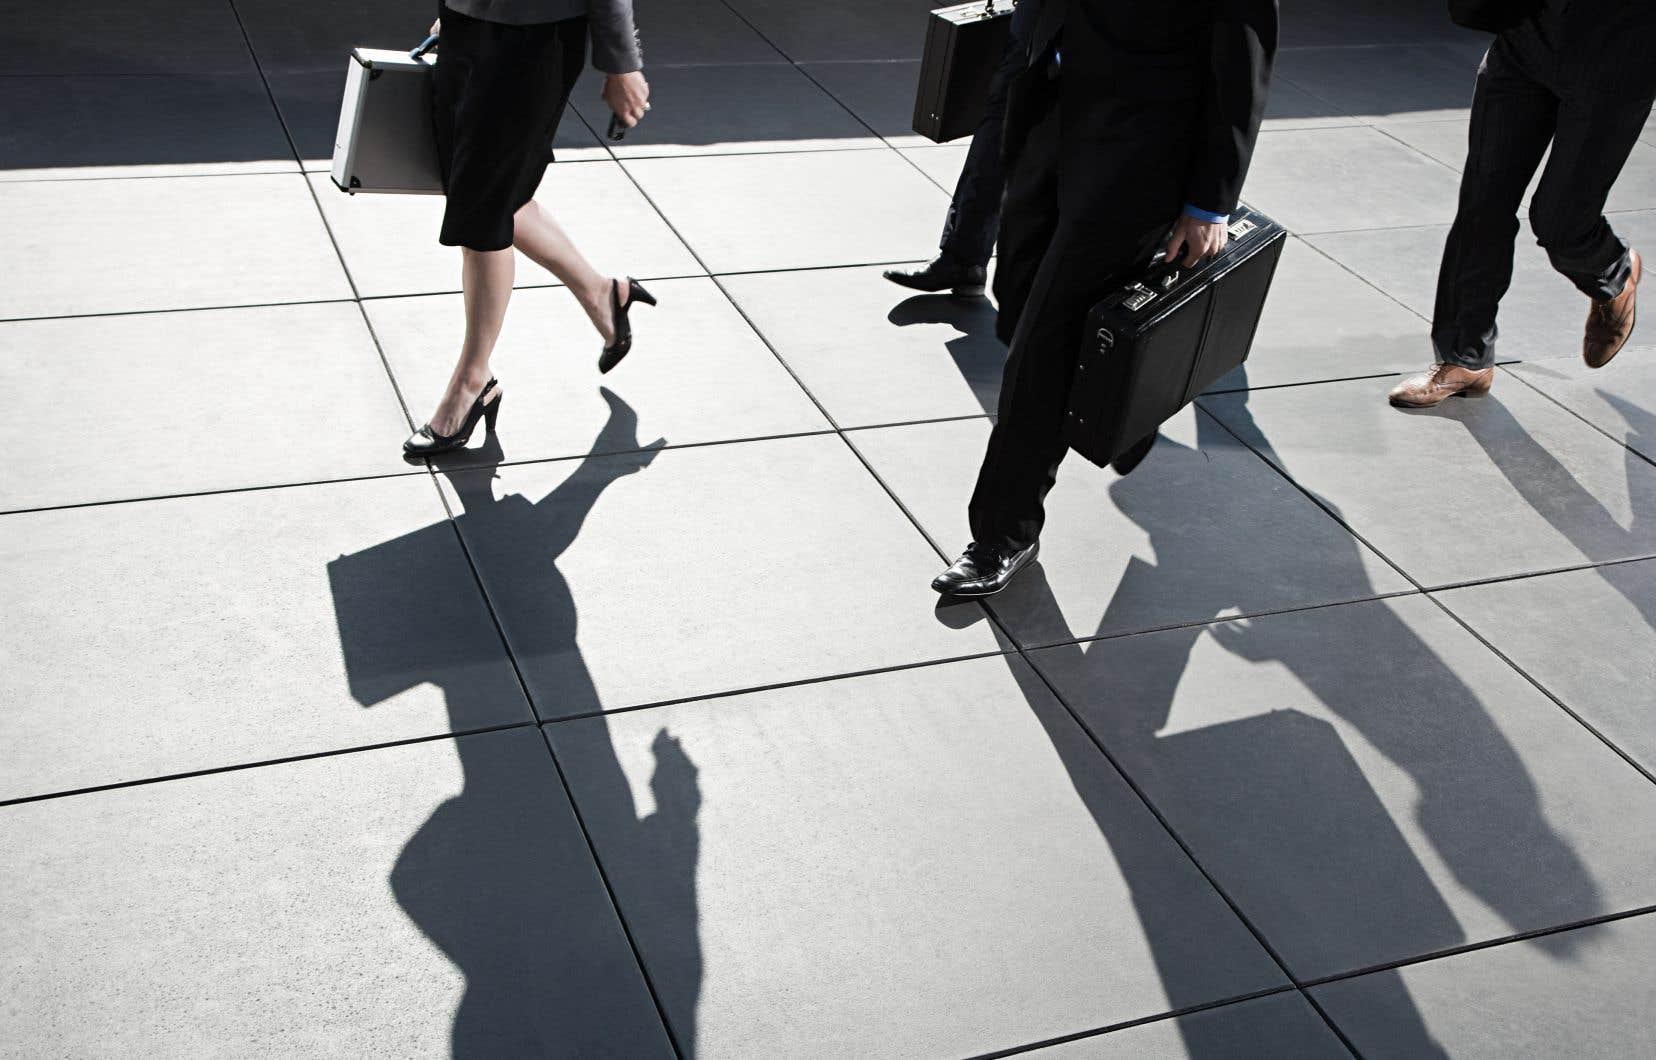 Certains métiers traditionnellement associés aux hommes sont de plus en plus investis par les femmes, qui comptent pour 63,6% des notaires et 46,5% des médecins.